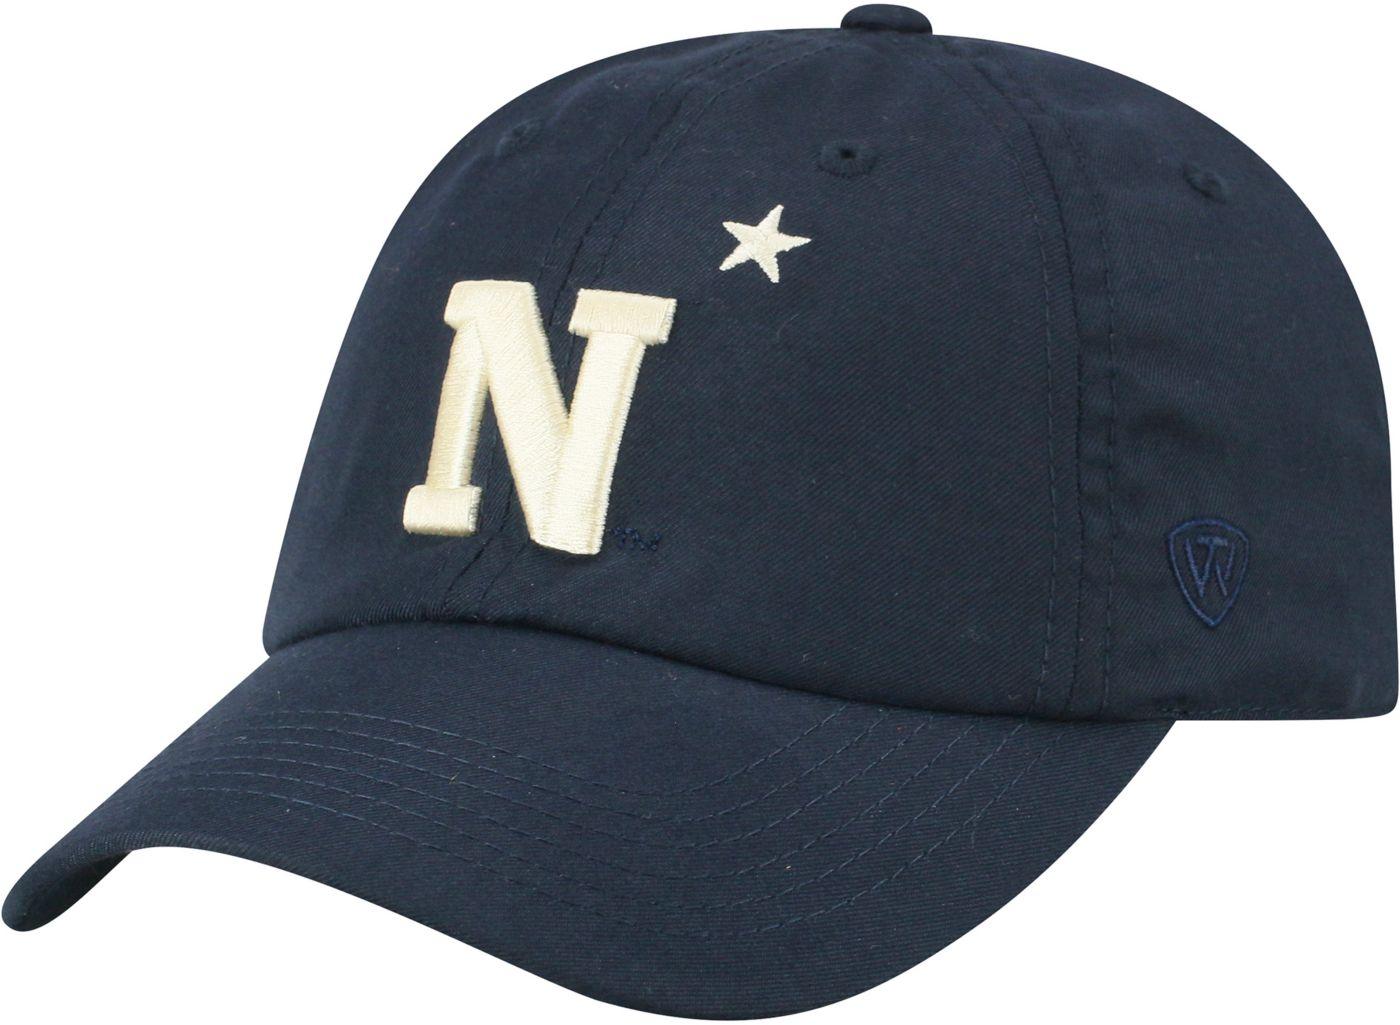 Top of the World Men's Navy Midshipmen Navy Staple Adjustable Hat